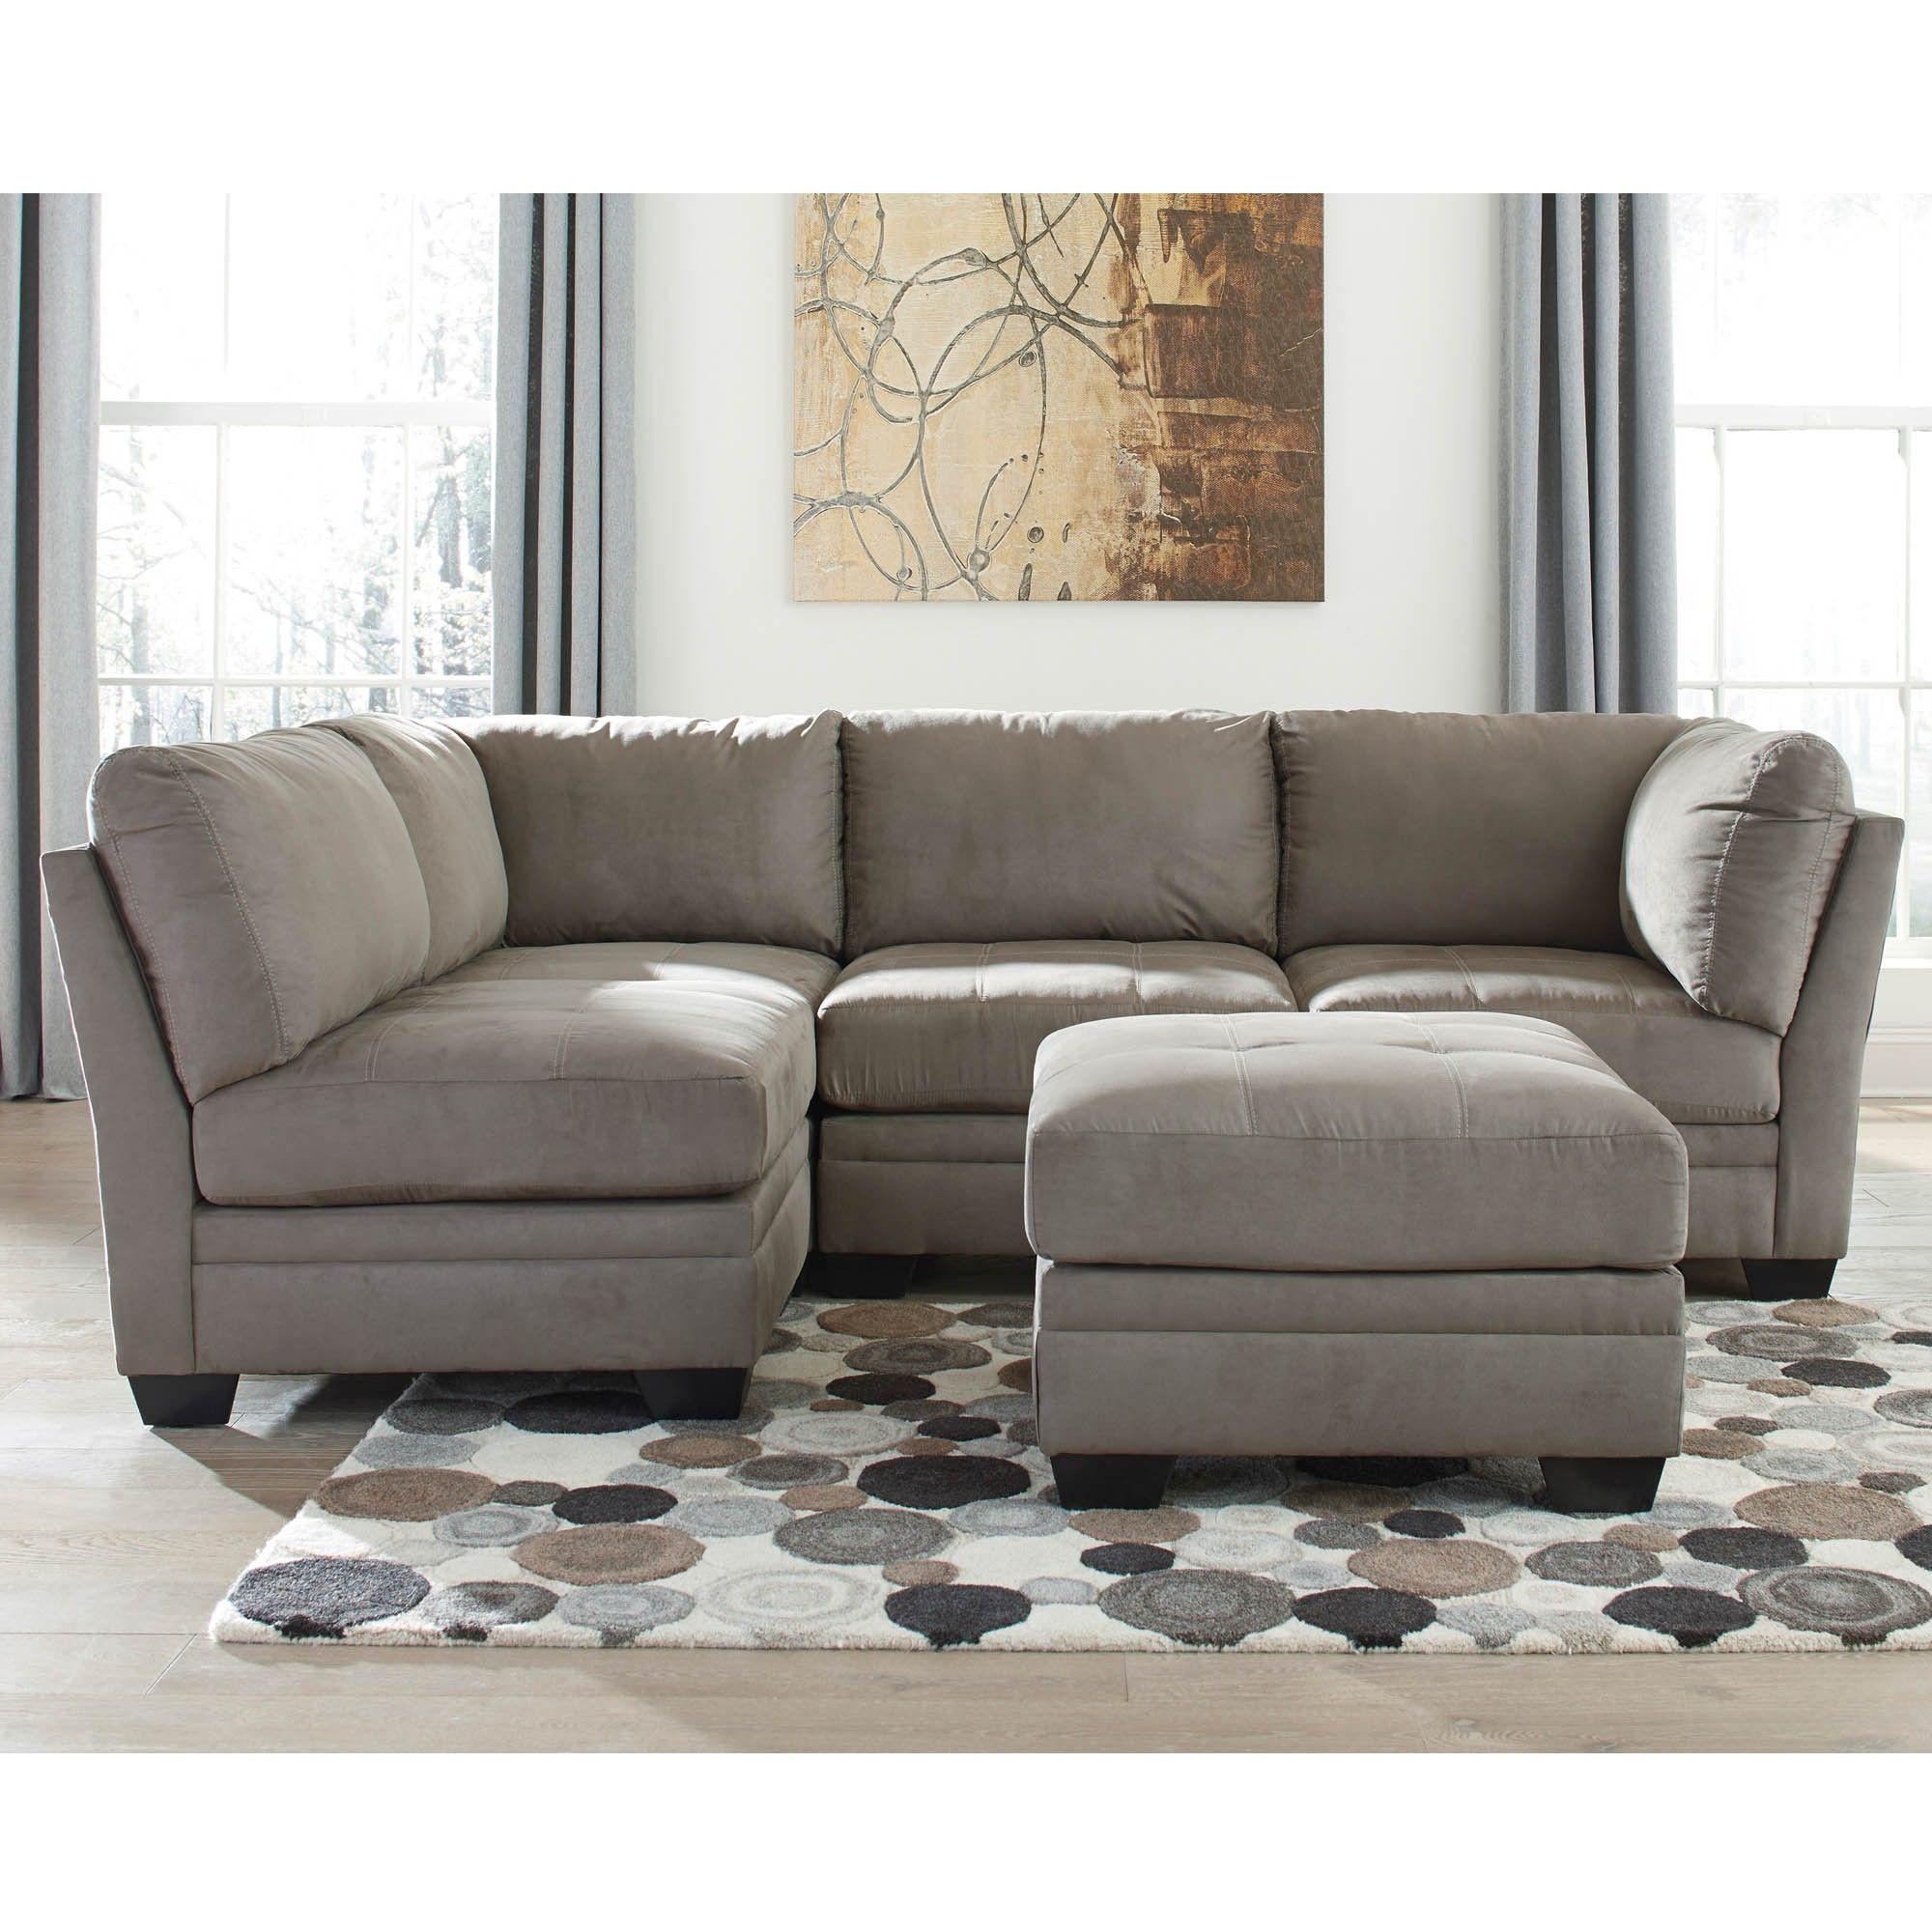 800 Iago Cobblestone 5 Piece Sectional Modular Sectional Sofa